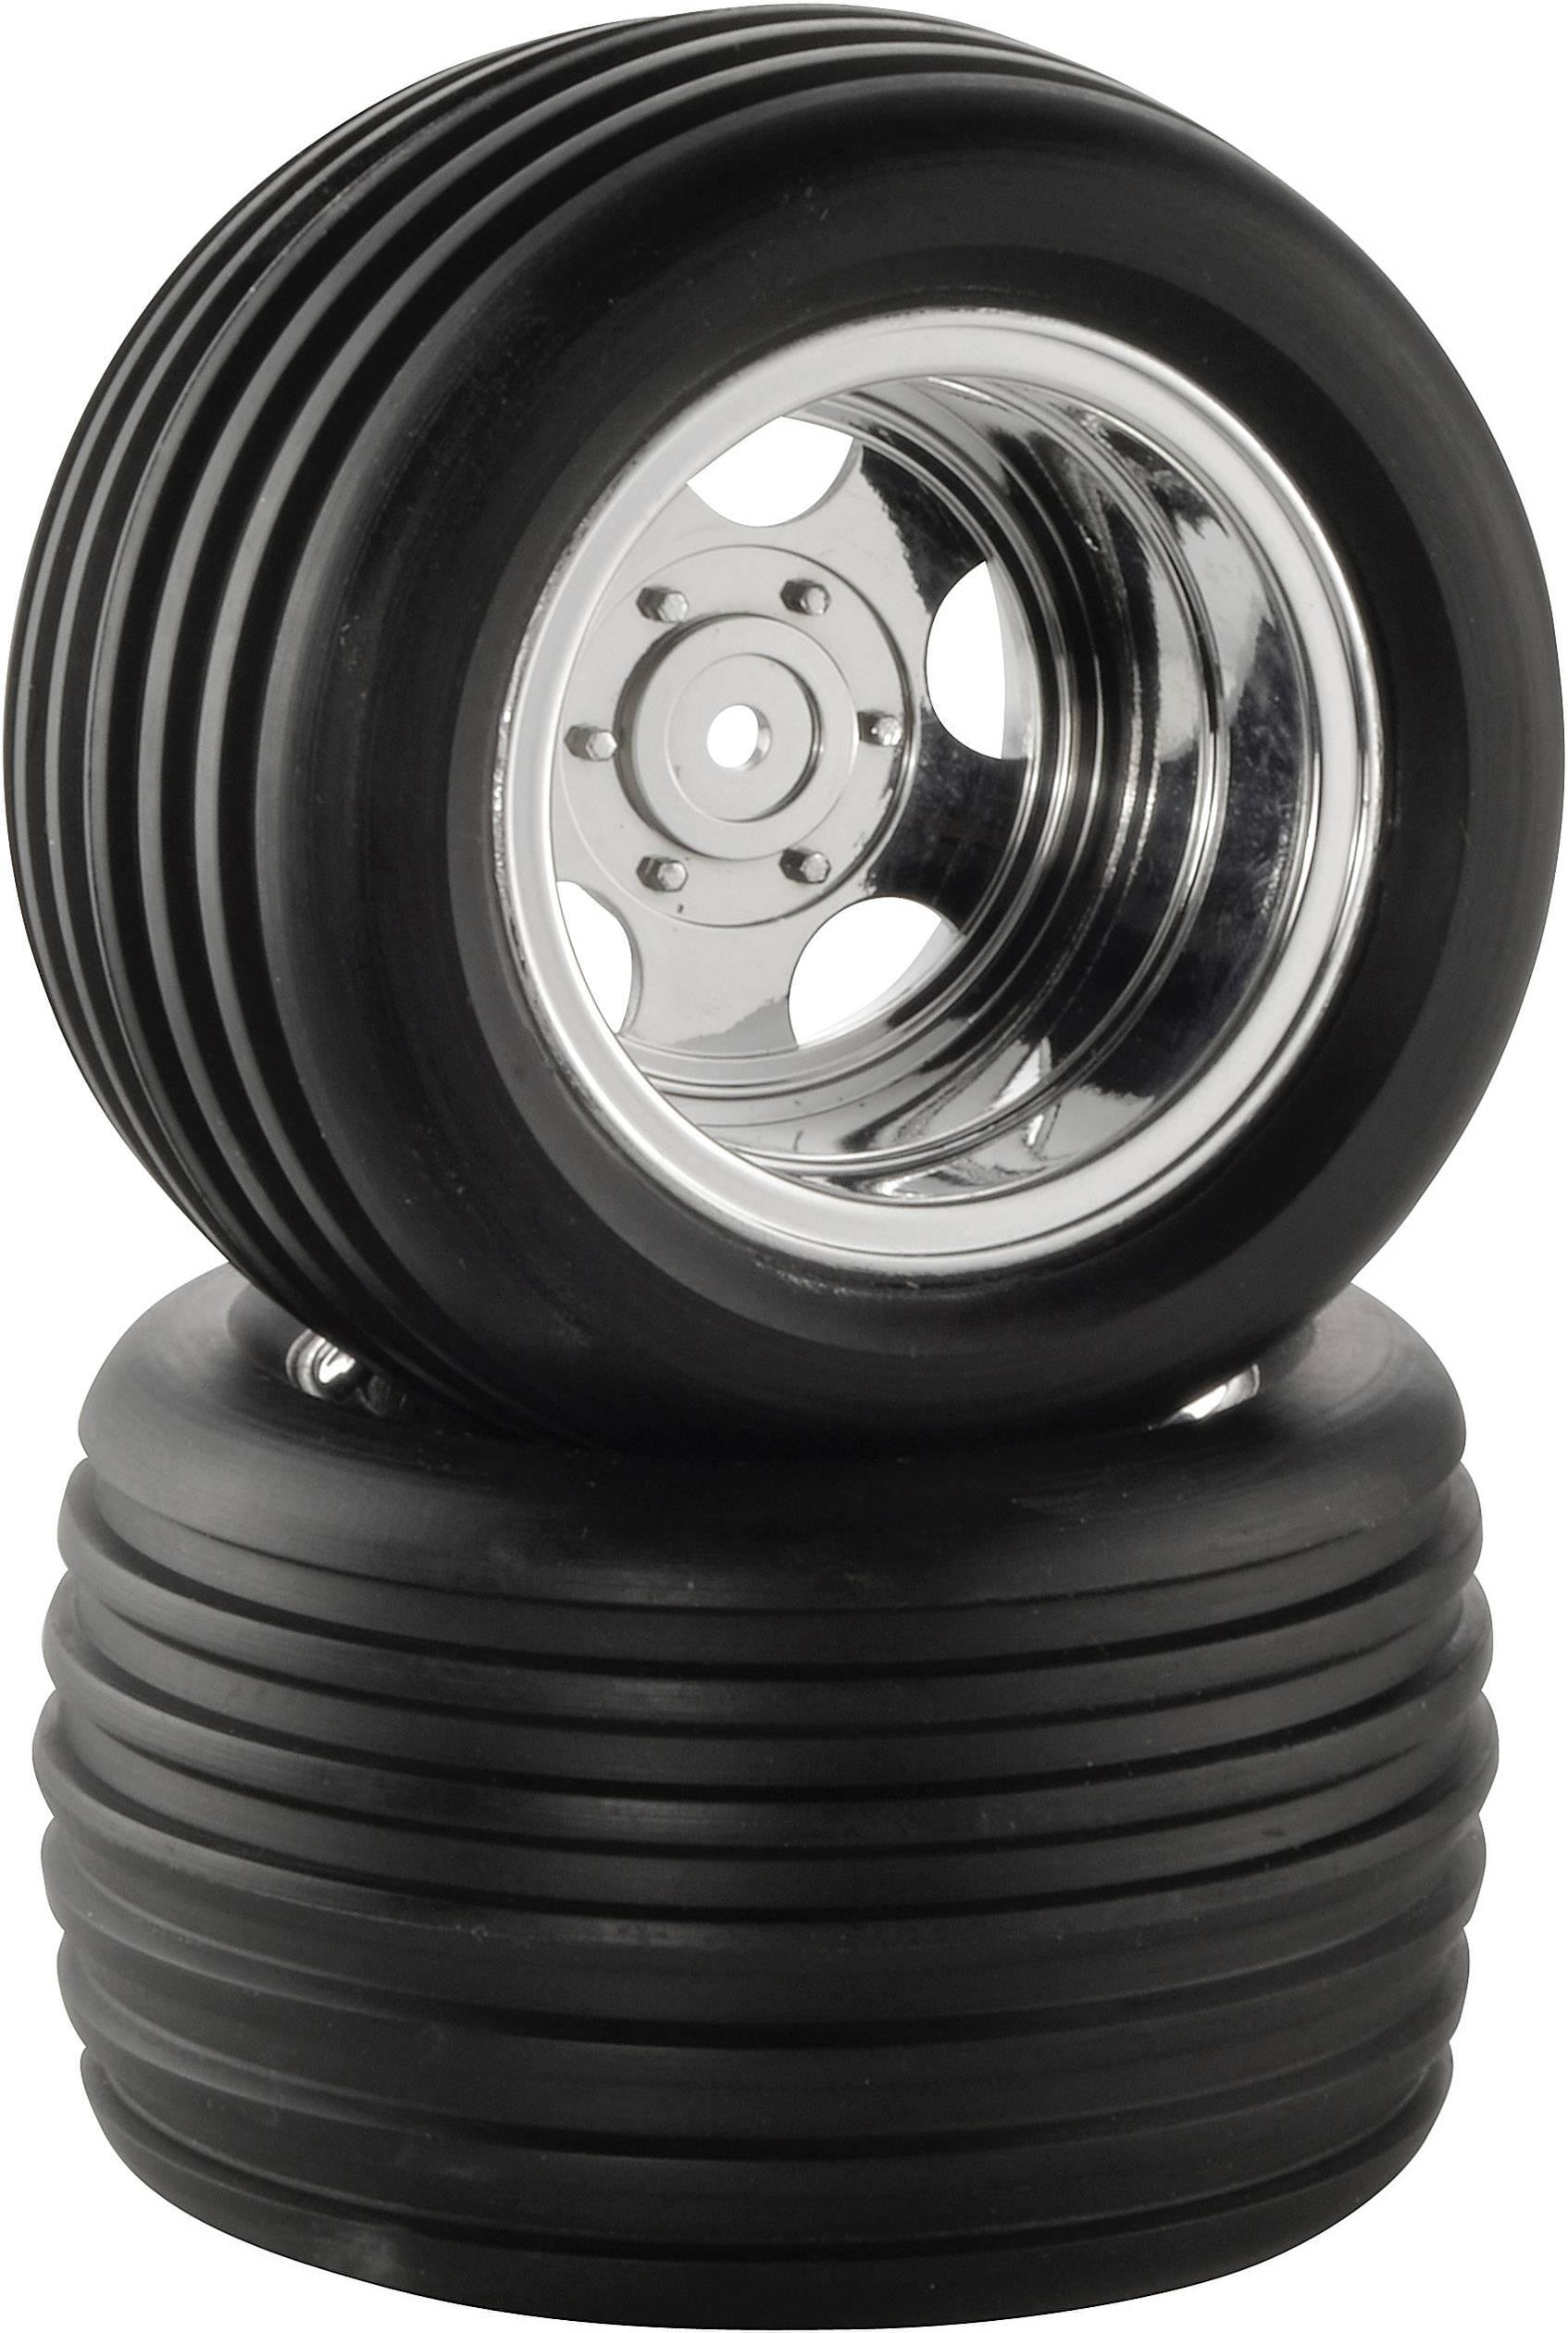 Kompletné kolesá drážkované pneumatiky Reely CB3603BG1 pre truggy, 98 mm, 1:10, 2 ks, chróm